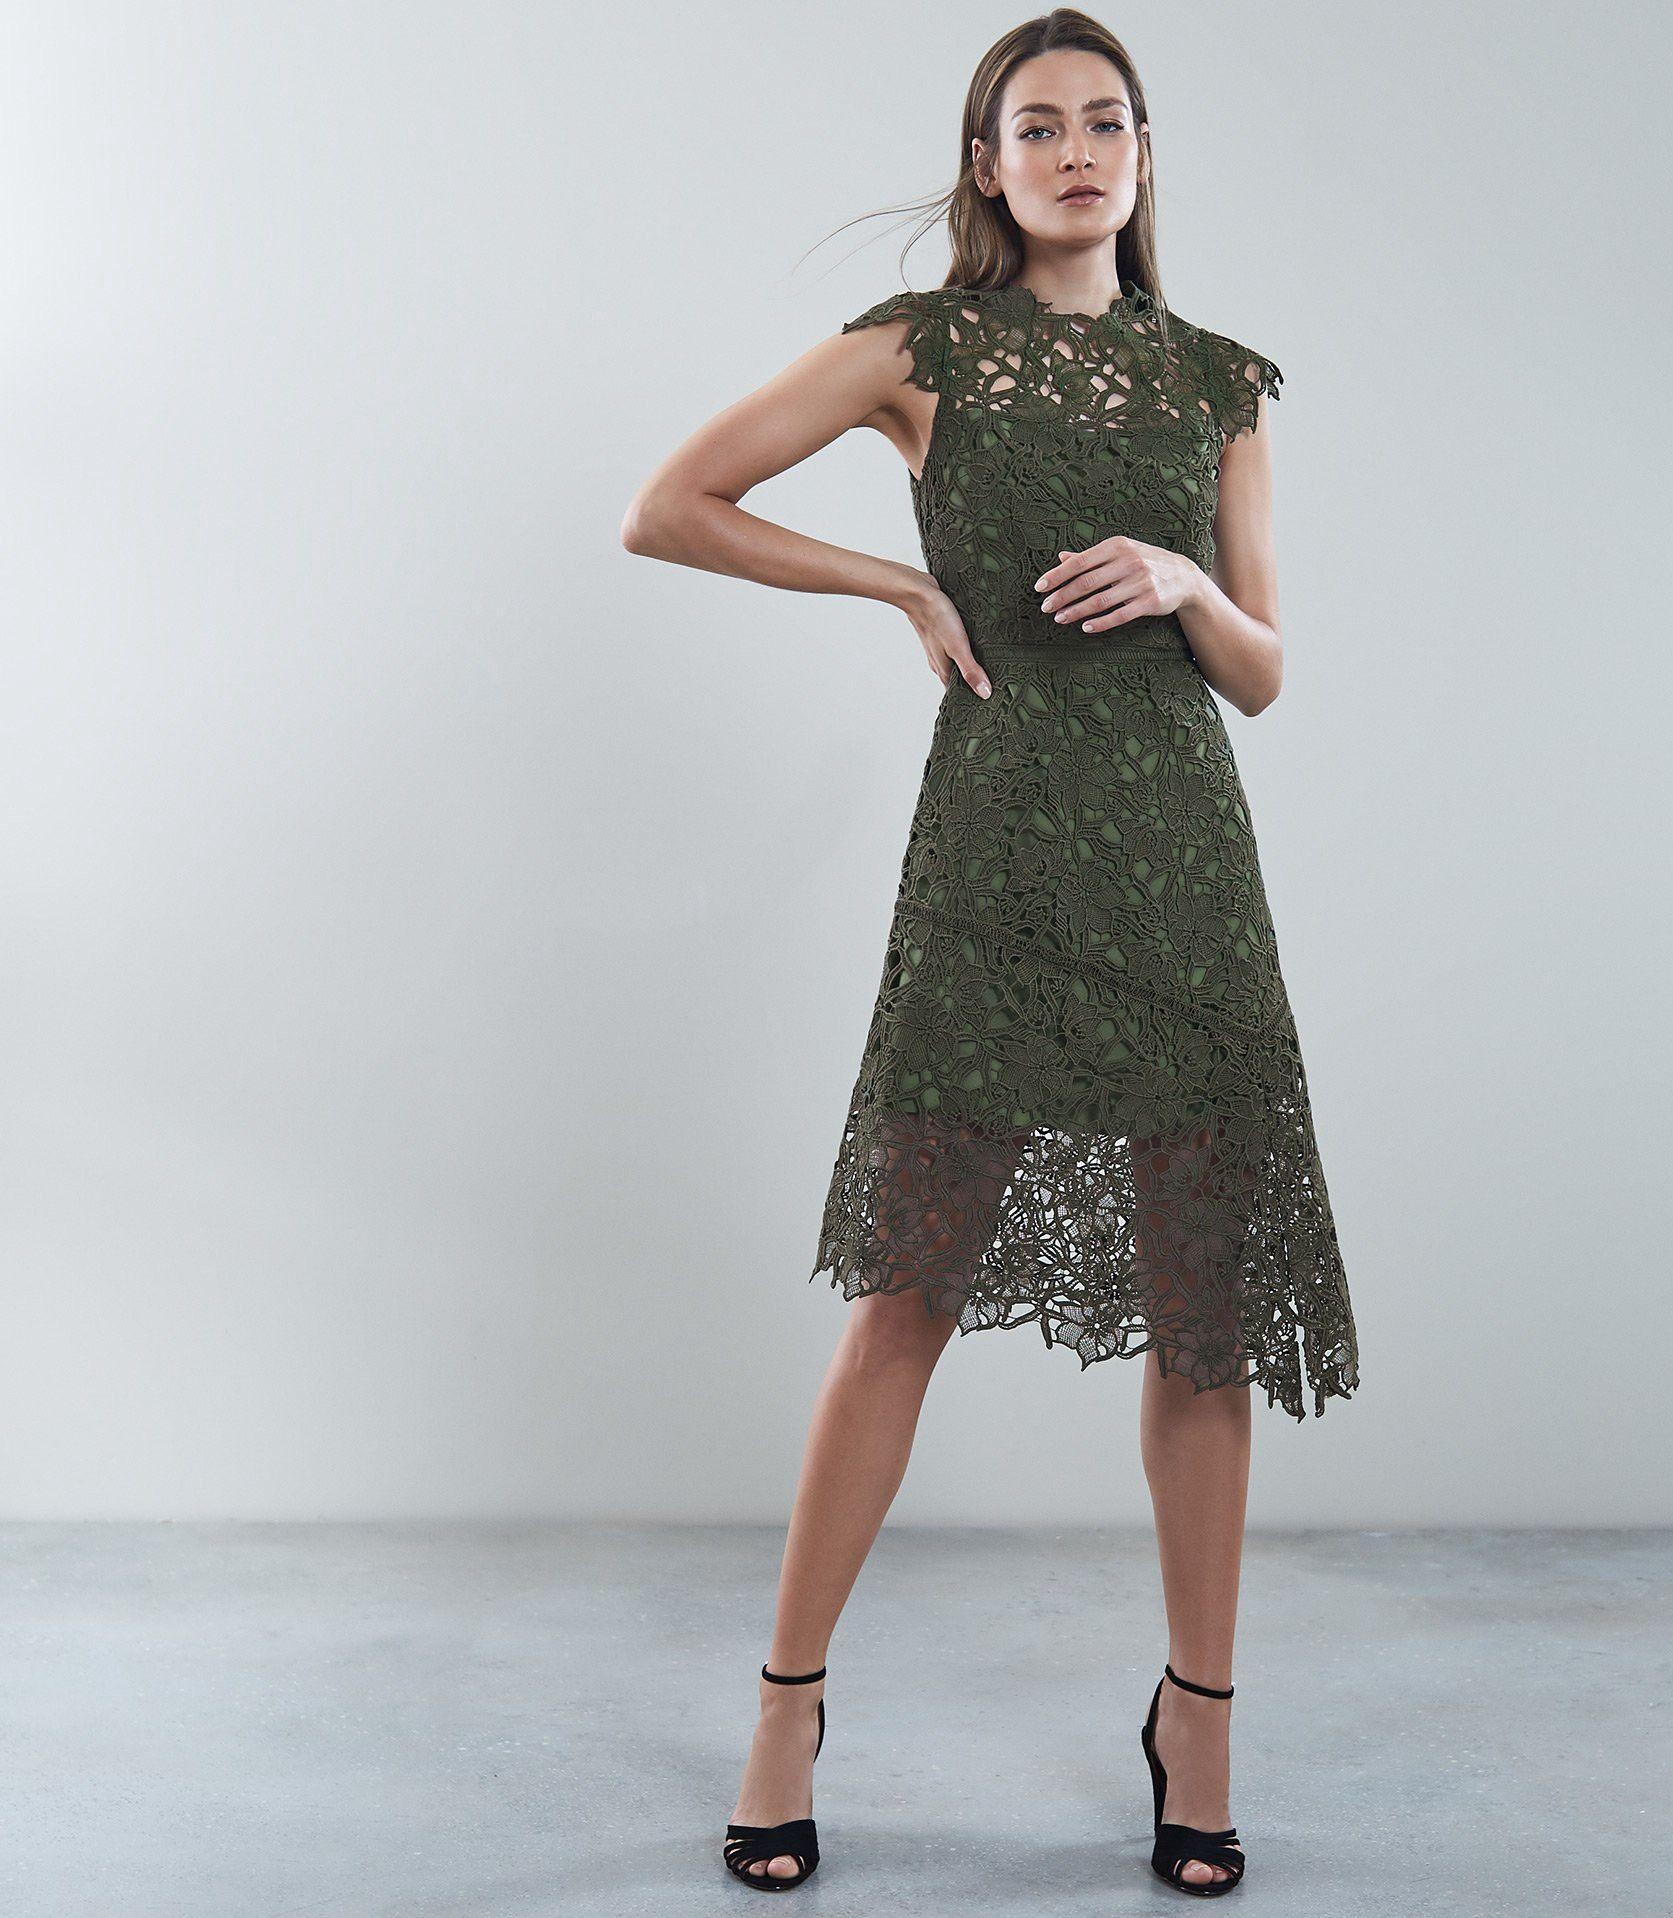 Ivana - Lace Asymmetric Hemline Dress in Ivy, Womens, Size 10 Reiss